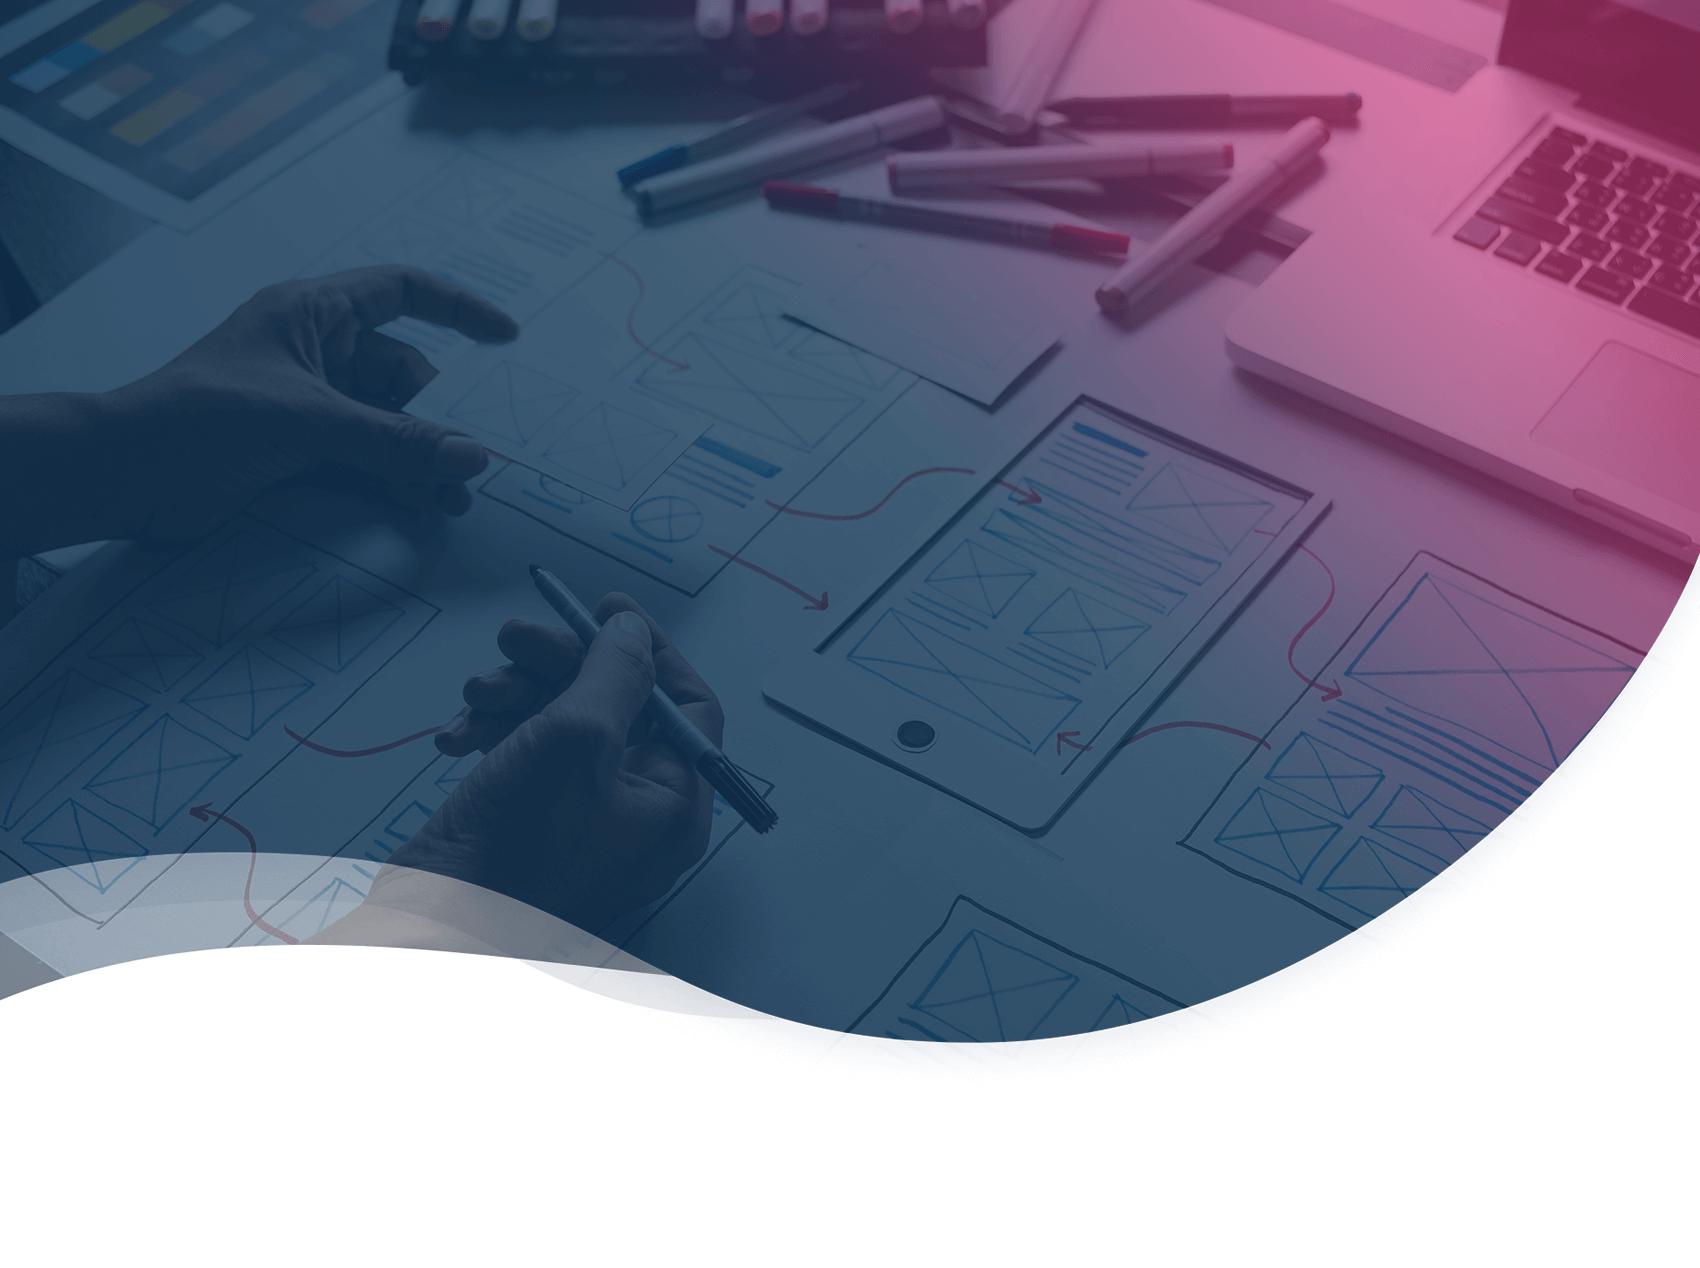 Expérience utilisateur (UX), Interface utilisateur (UI)… Comment s'y retrouver?